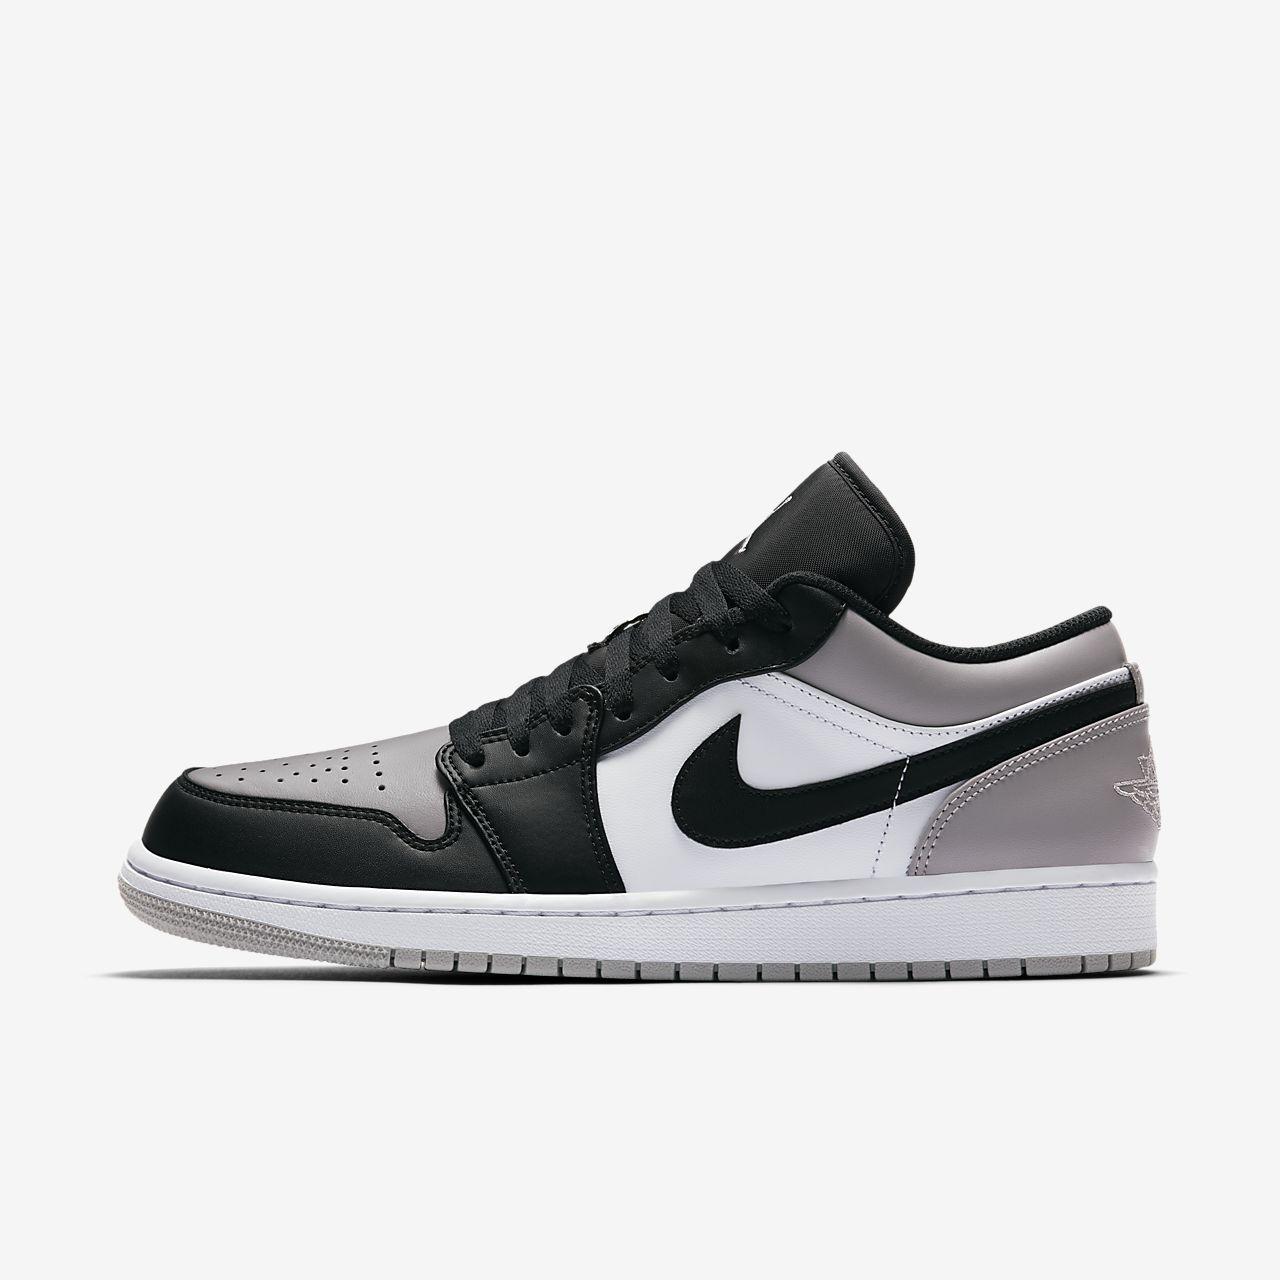 ... Chaussure Air Jordan 1 Low pour Homme